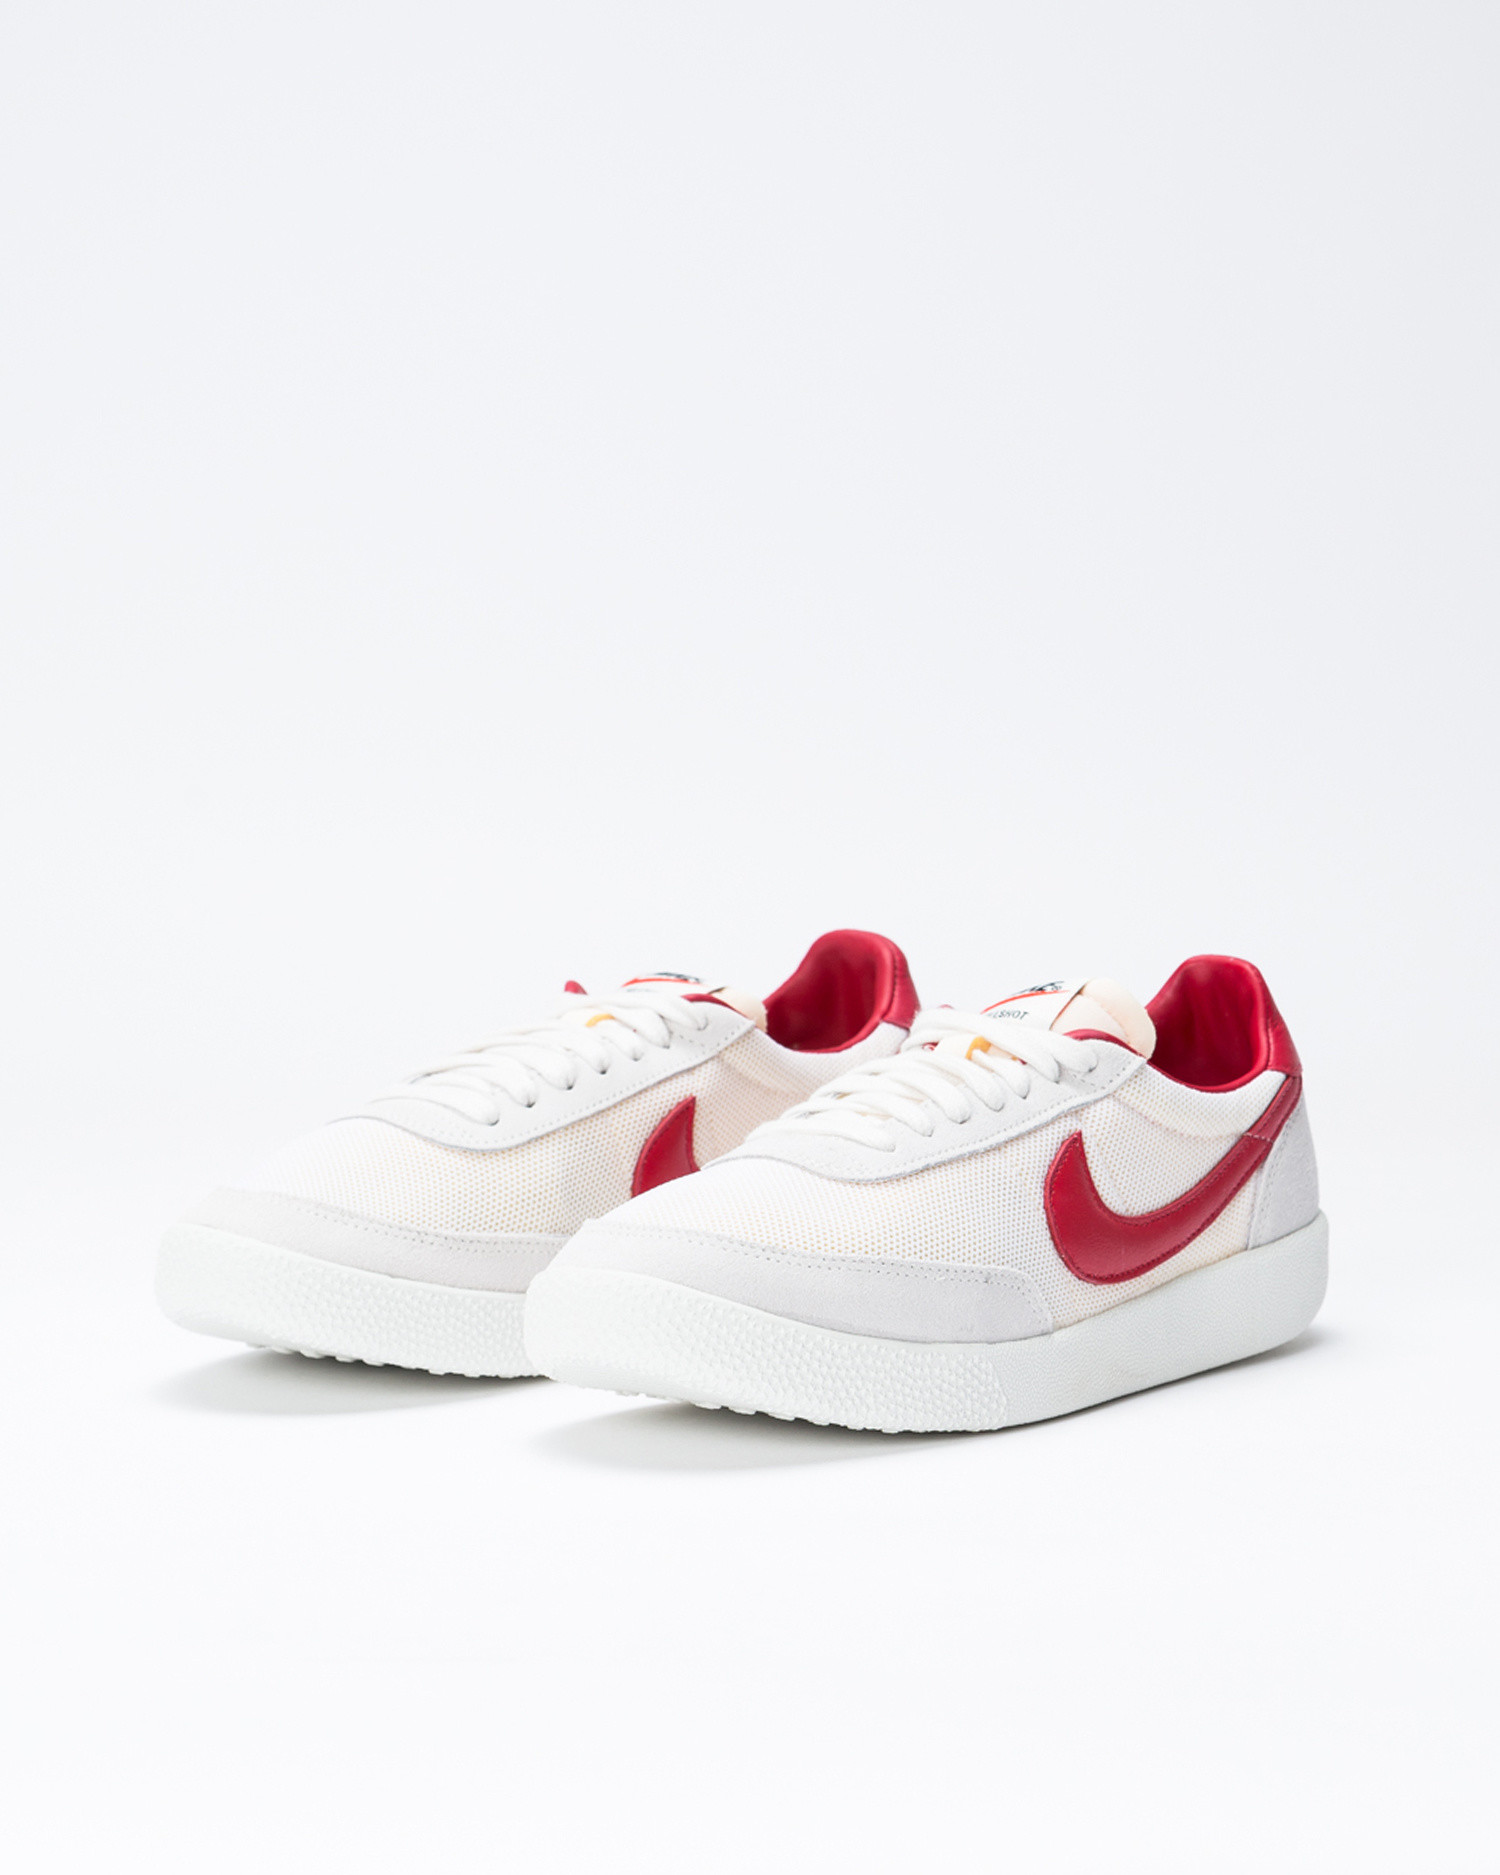 Nike Killshot OG Sp sail/gym red